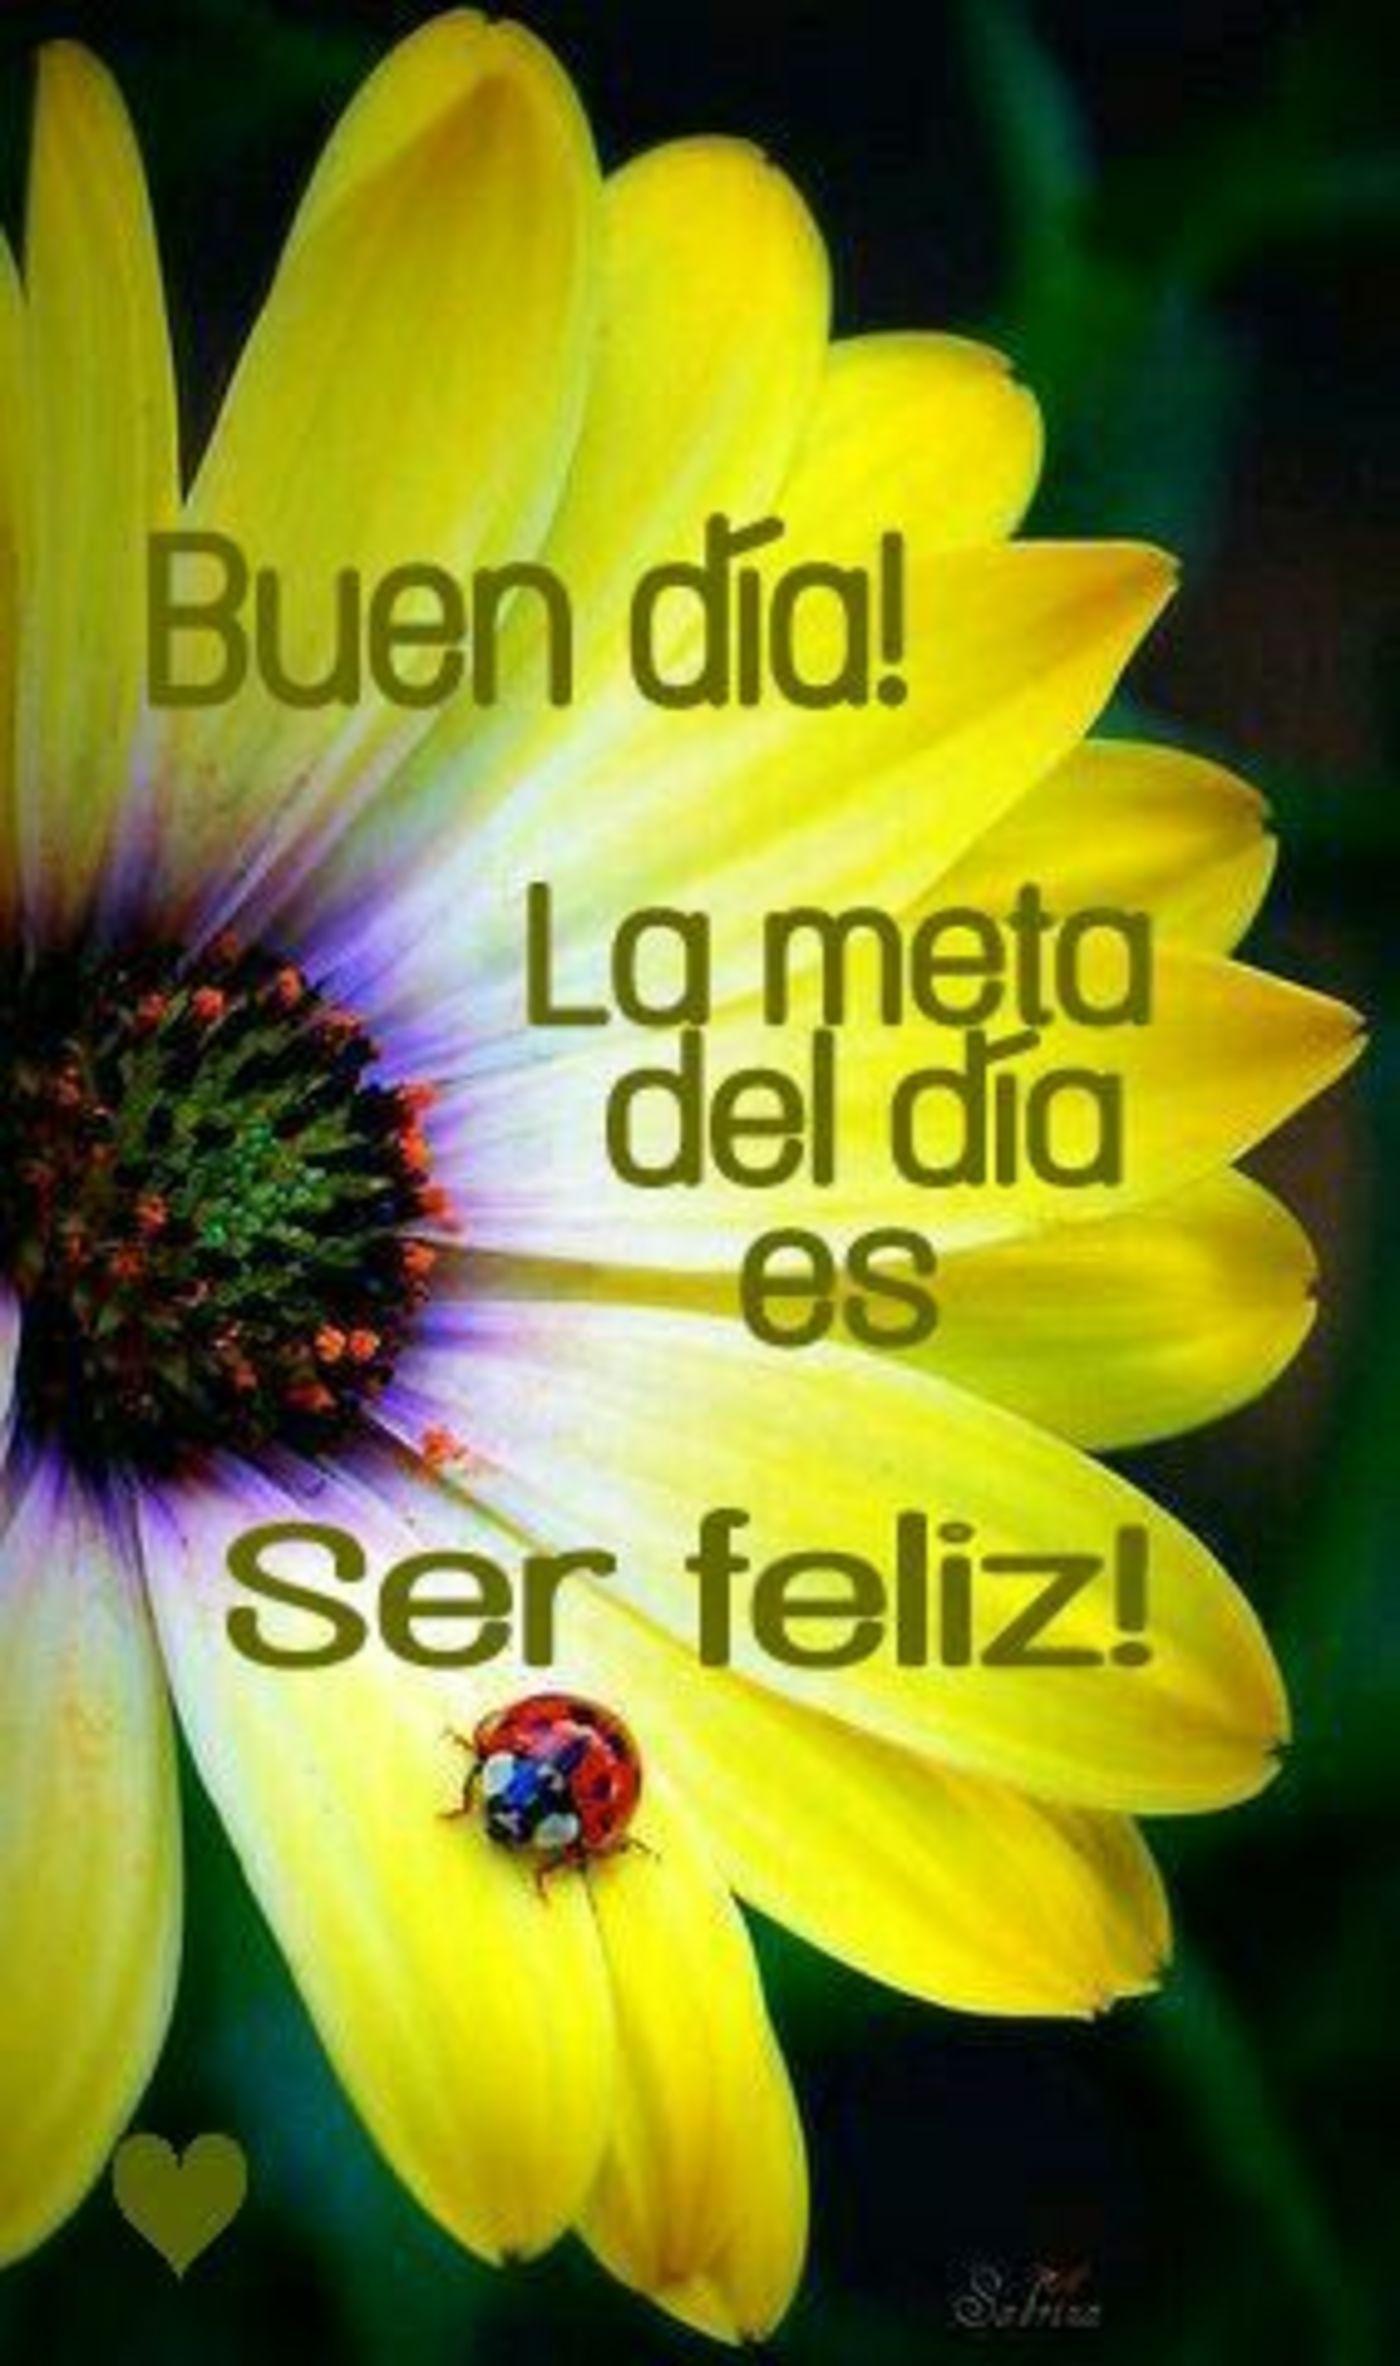 Buen día! la meta del día es ser feliz